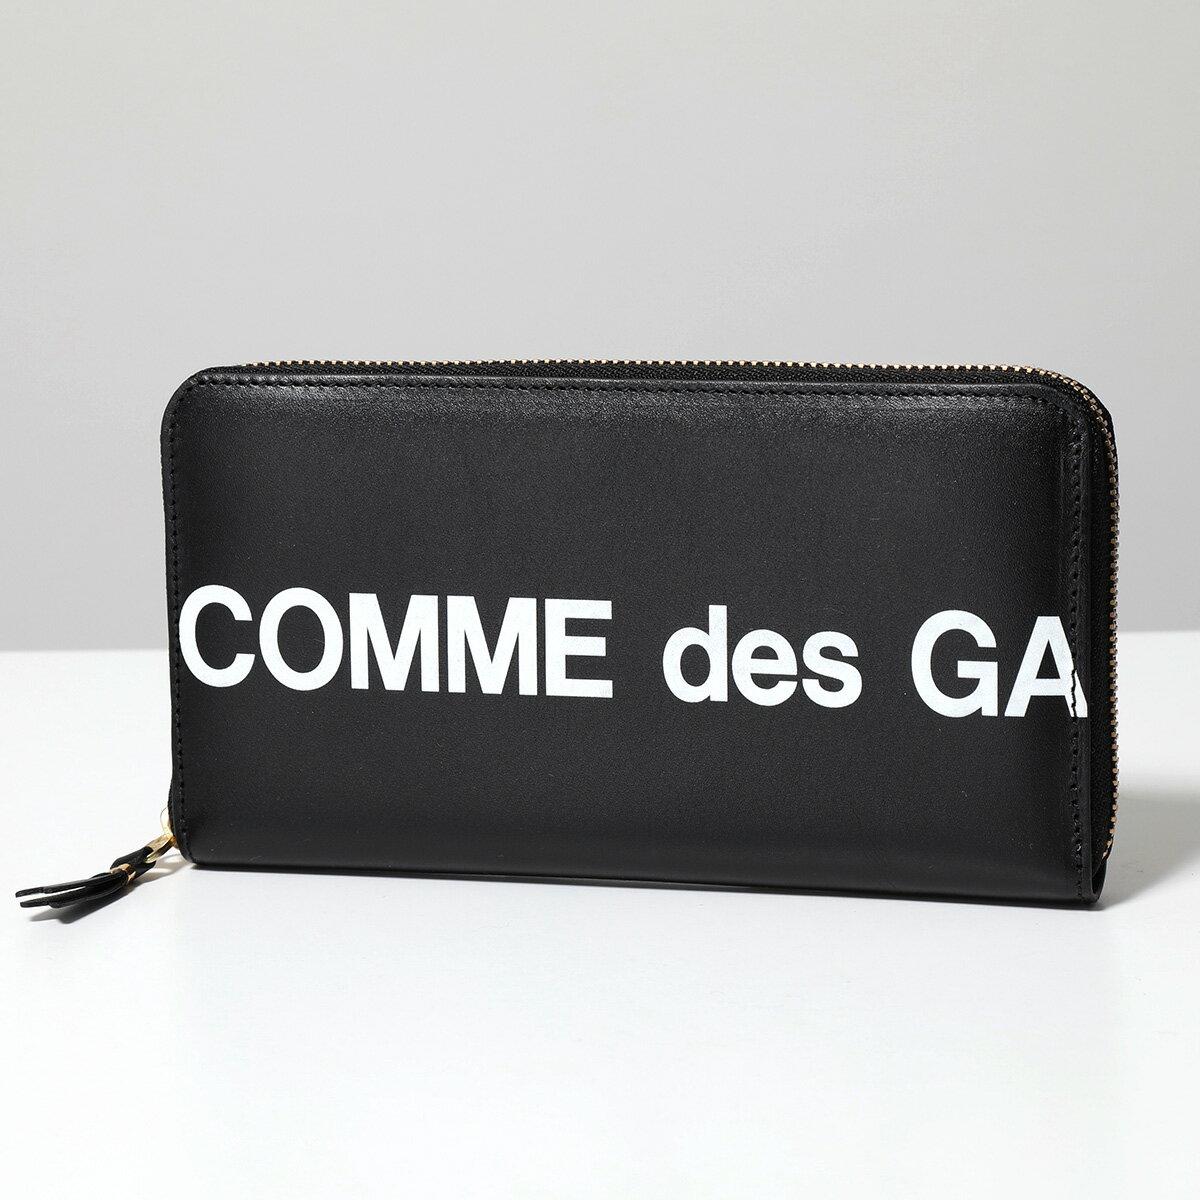 財布・ケース, メンズ財布 COMME des GARCONS SA0111HL HUGE LOGO BLACK 2021ss